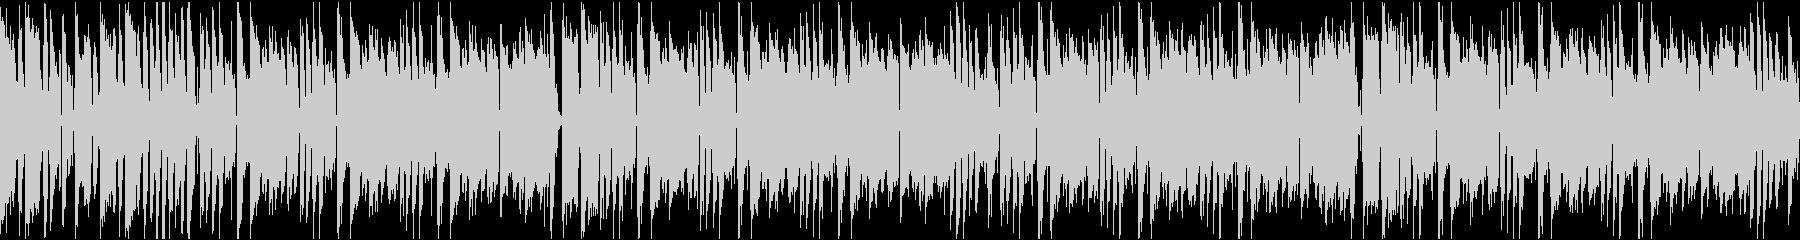 かわいいコミカル/カラオケ/ループの未再生の波形